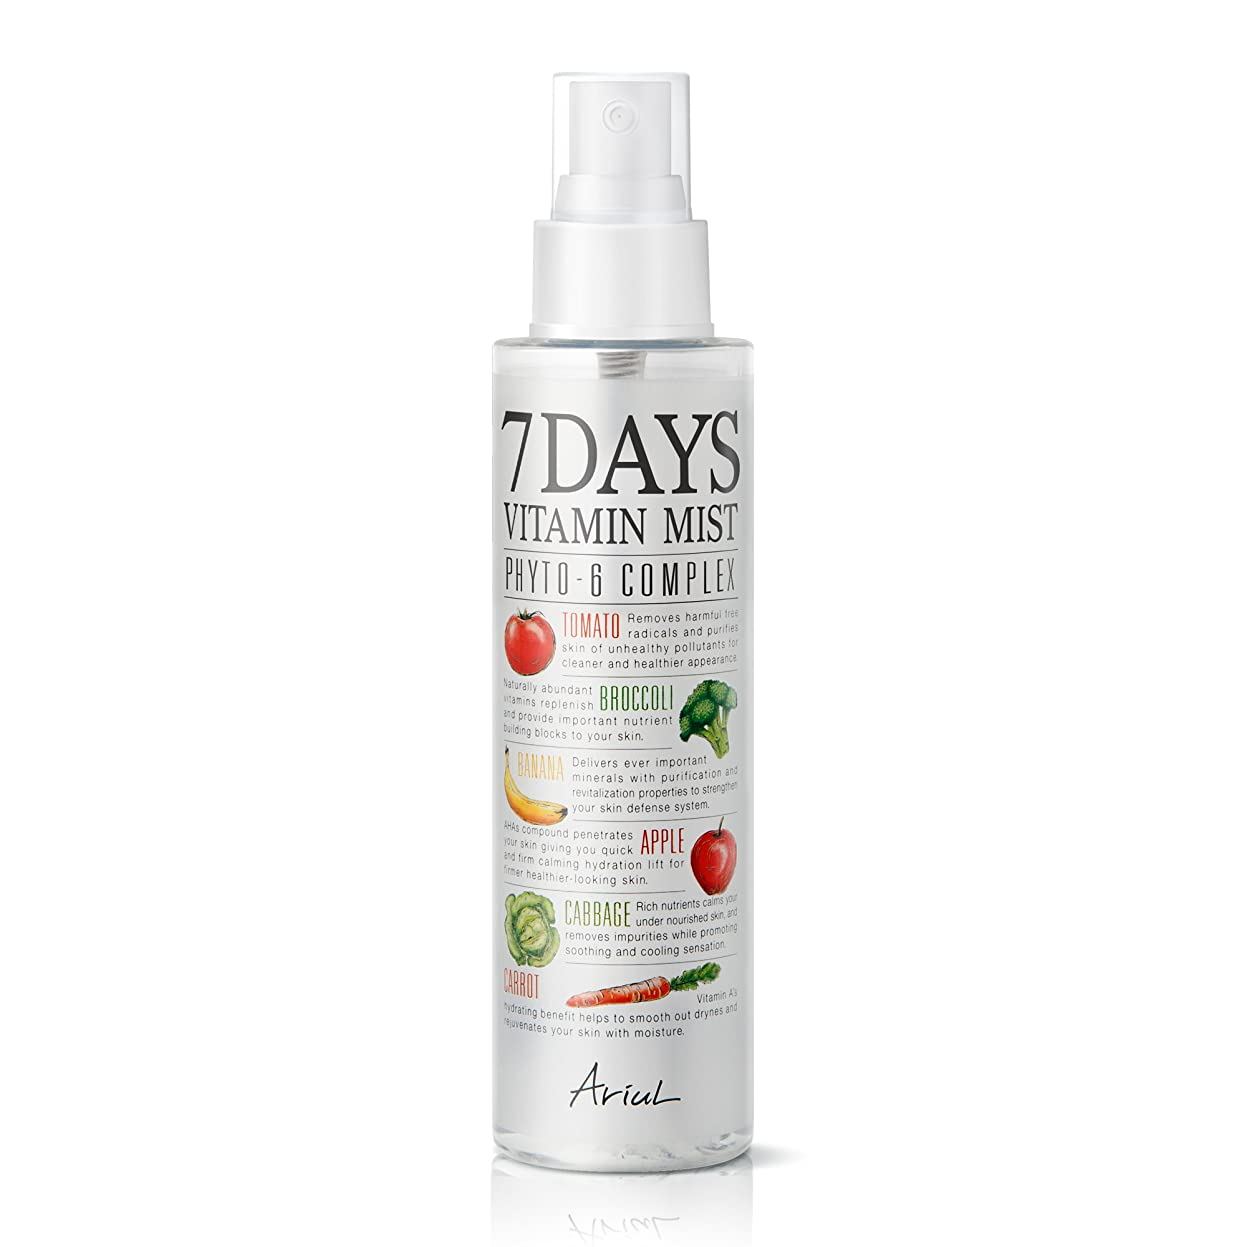 罰する透過性一貫性のないアリアル 7デイズビタミンミスト150ml / Ariul Natural Facial Face Mist 7 Days Vitamin Mist [並行輸入品]